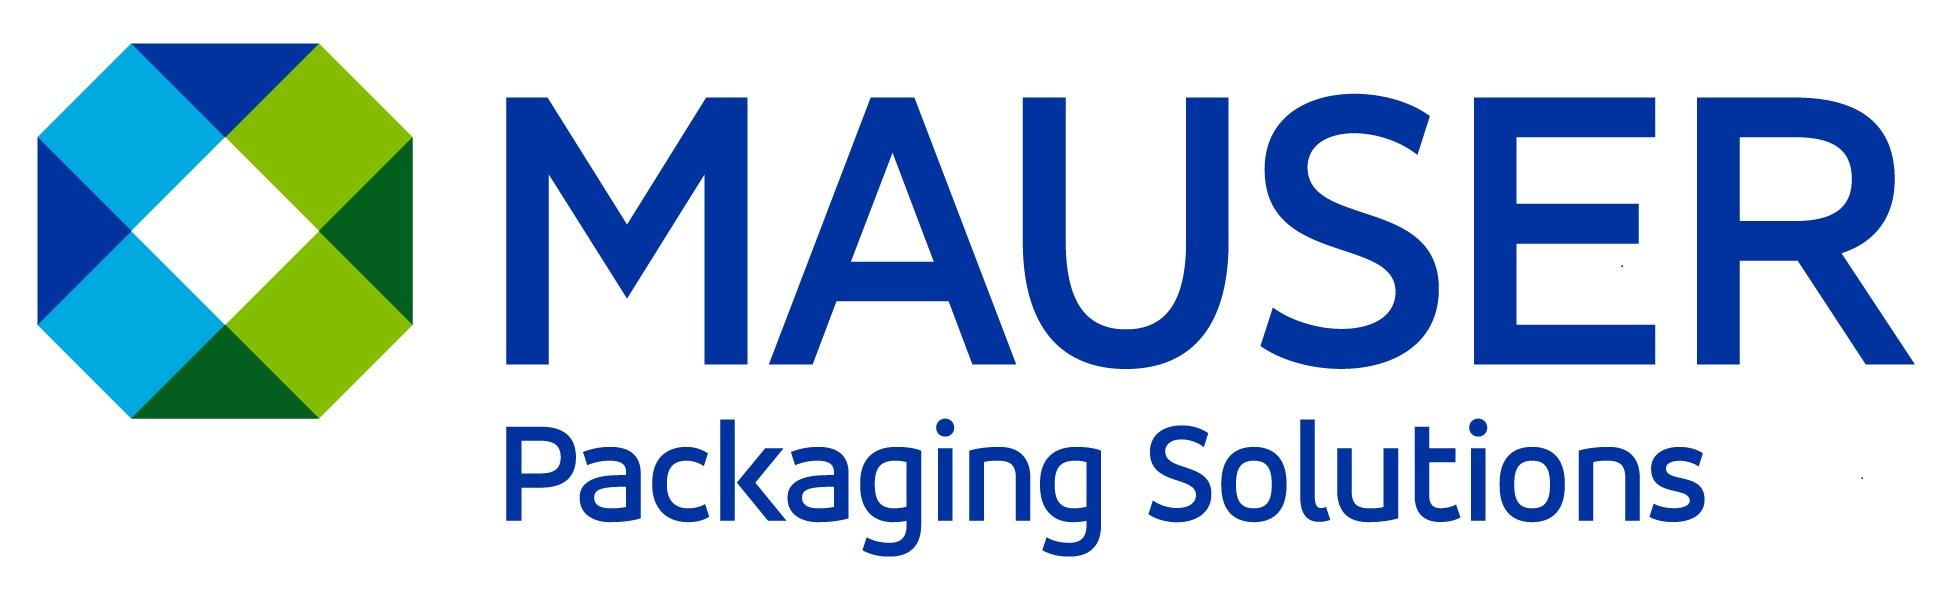 Maschinenbediener (m/w/d) - Job Brühl - Post offer form